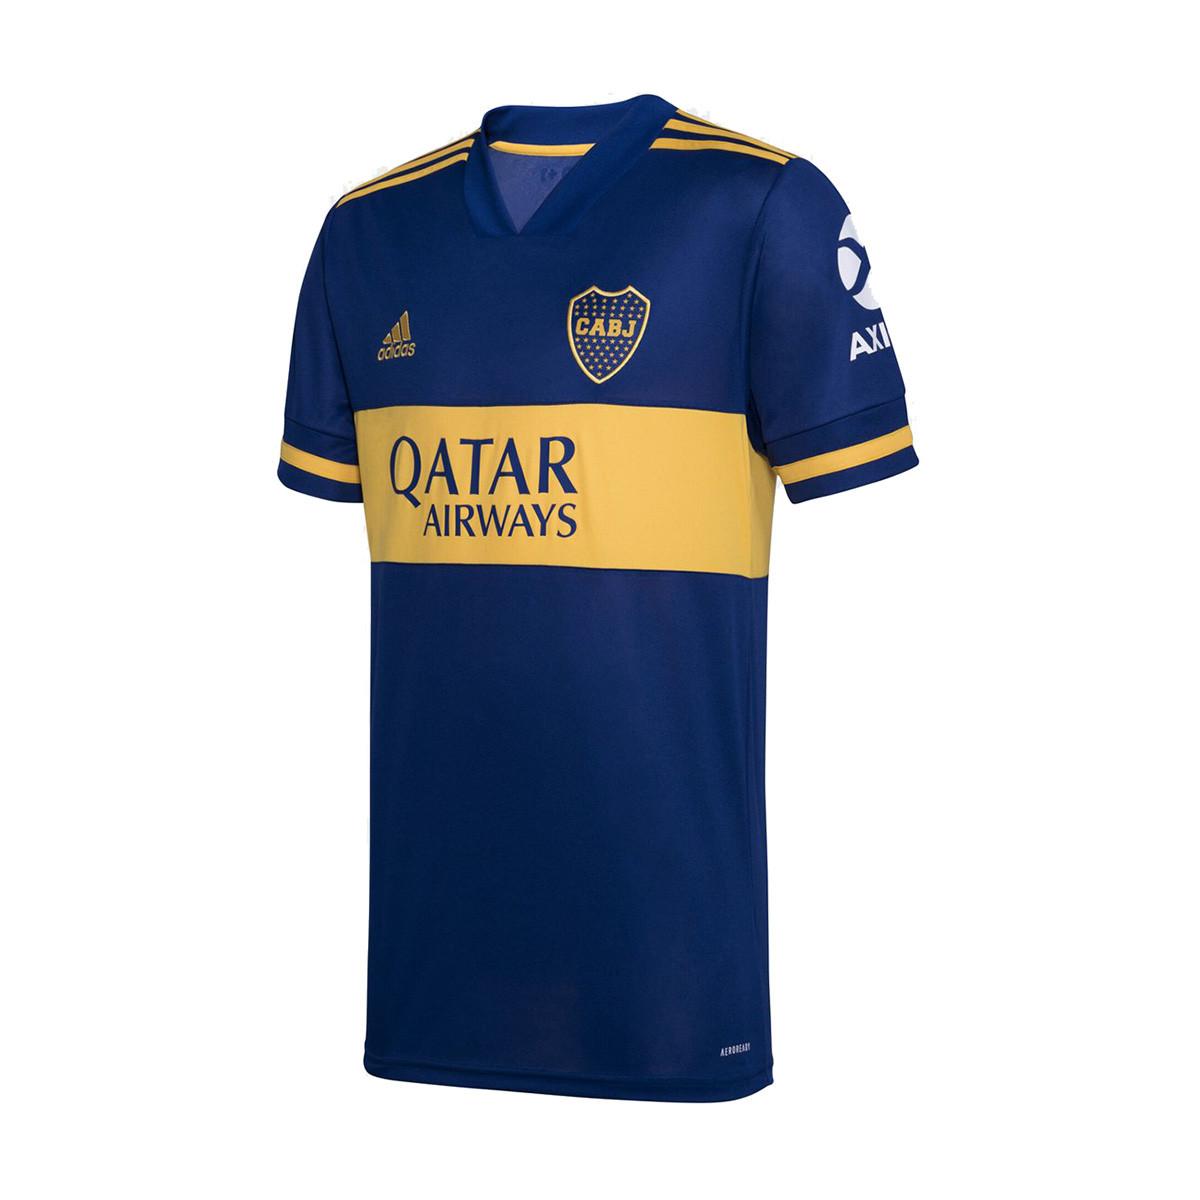 Maillot Boca Juniors Adidas domicile 20202021 ~